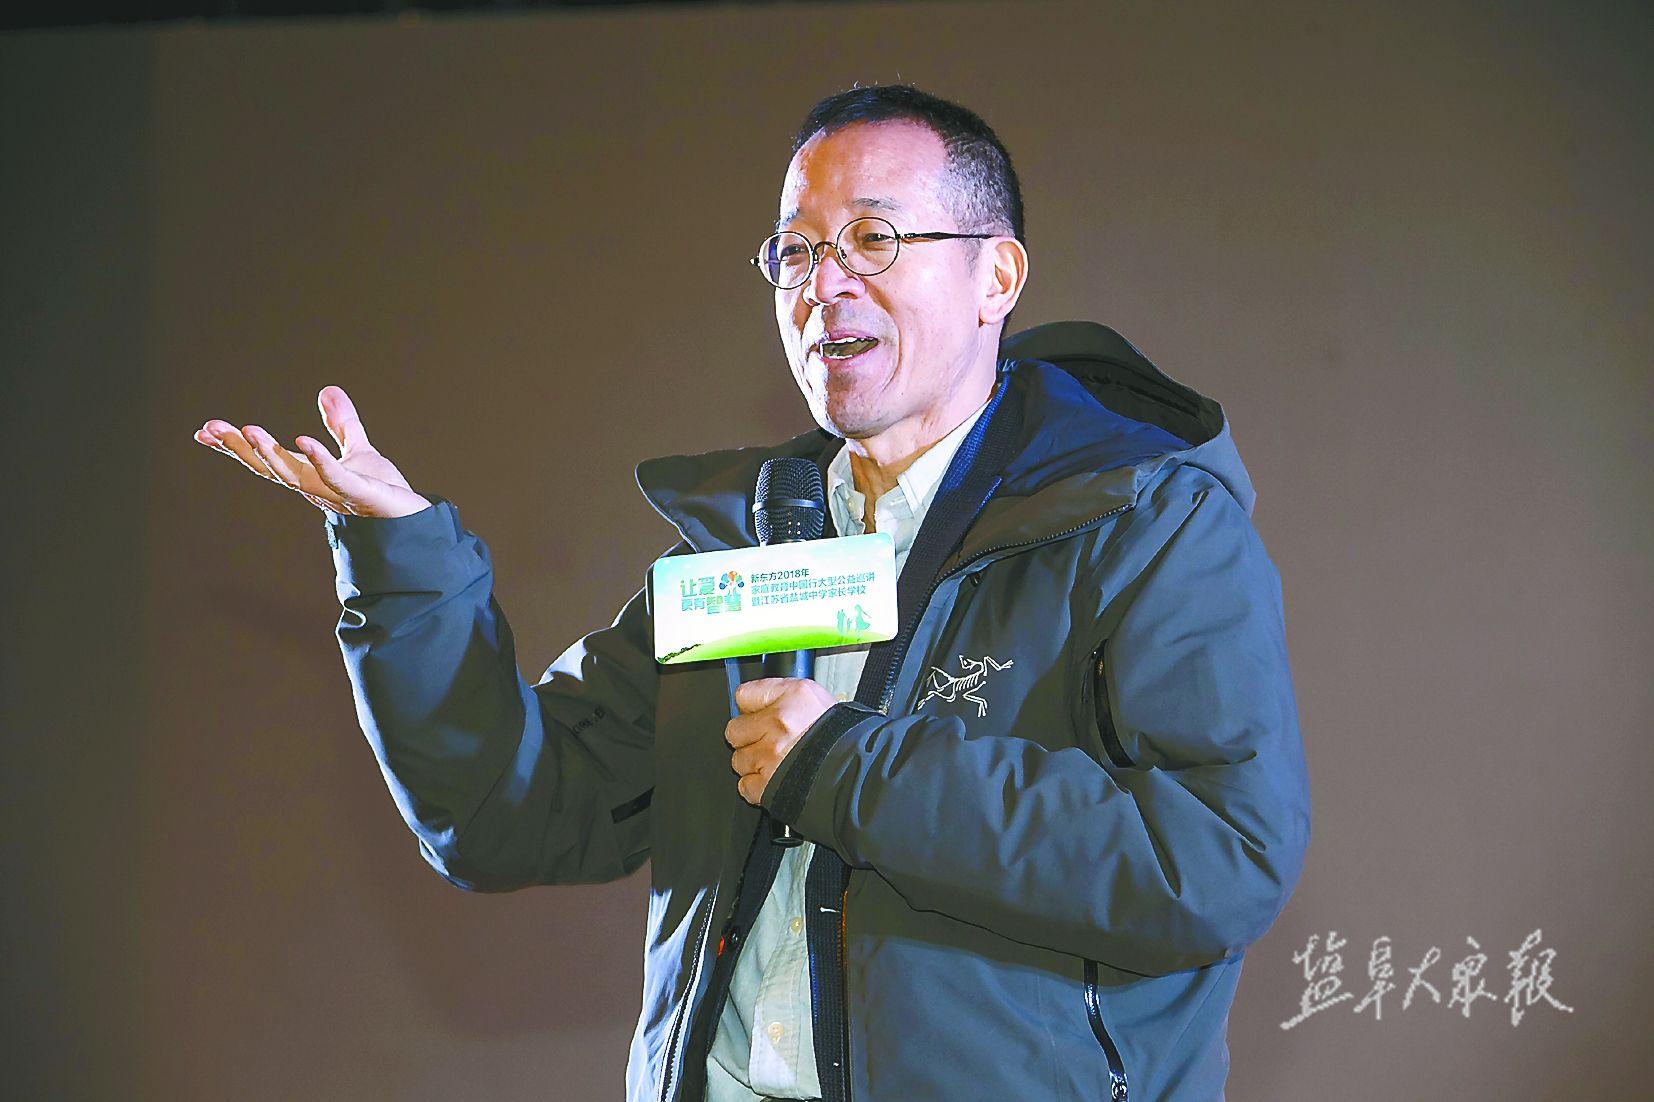 """新东方俞敏洪昨日来盐谈教育: """"给予孩子终身的竞争力"""""""